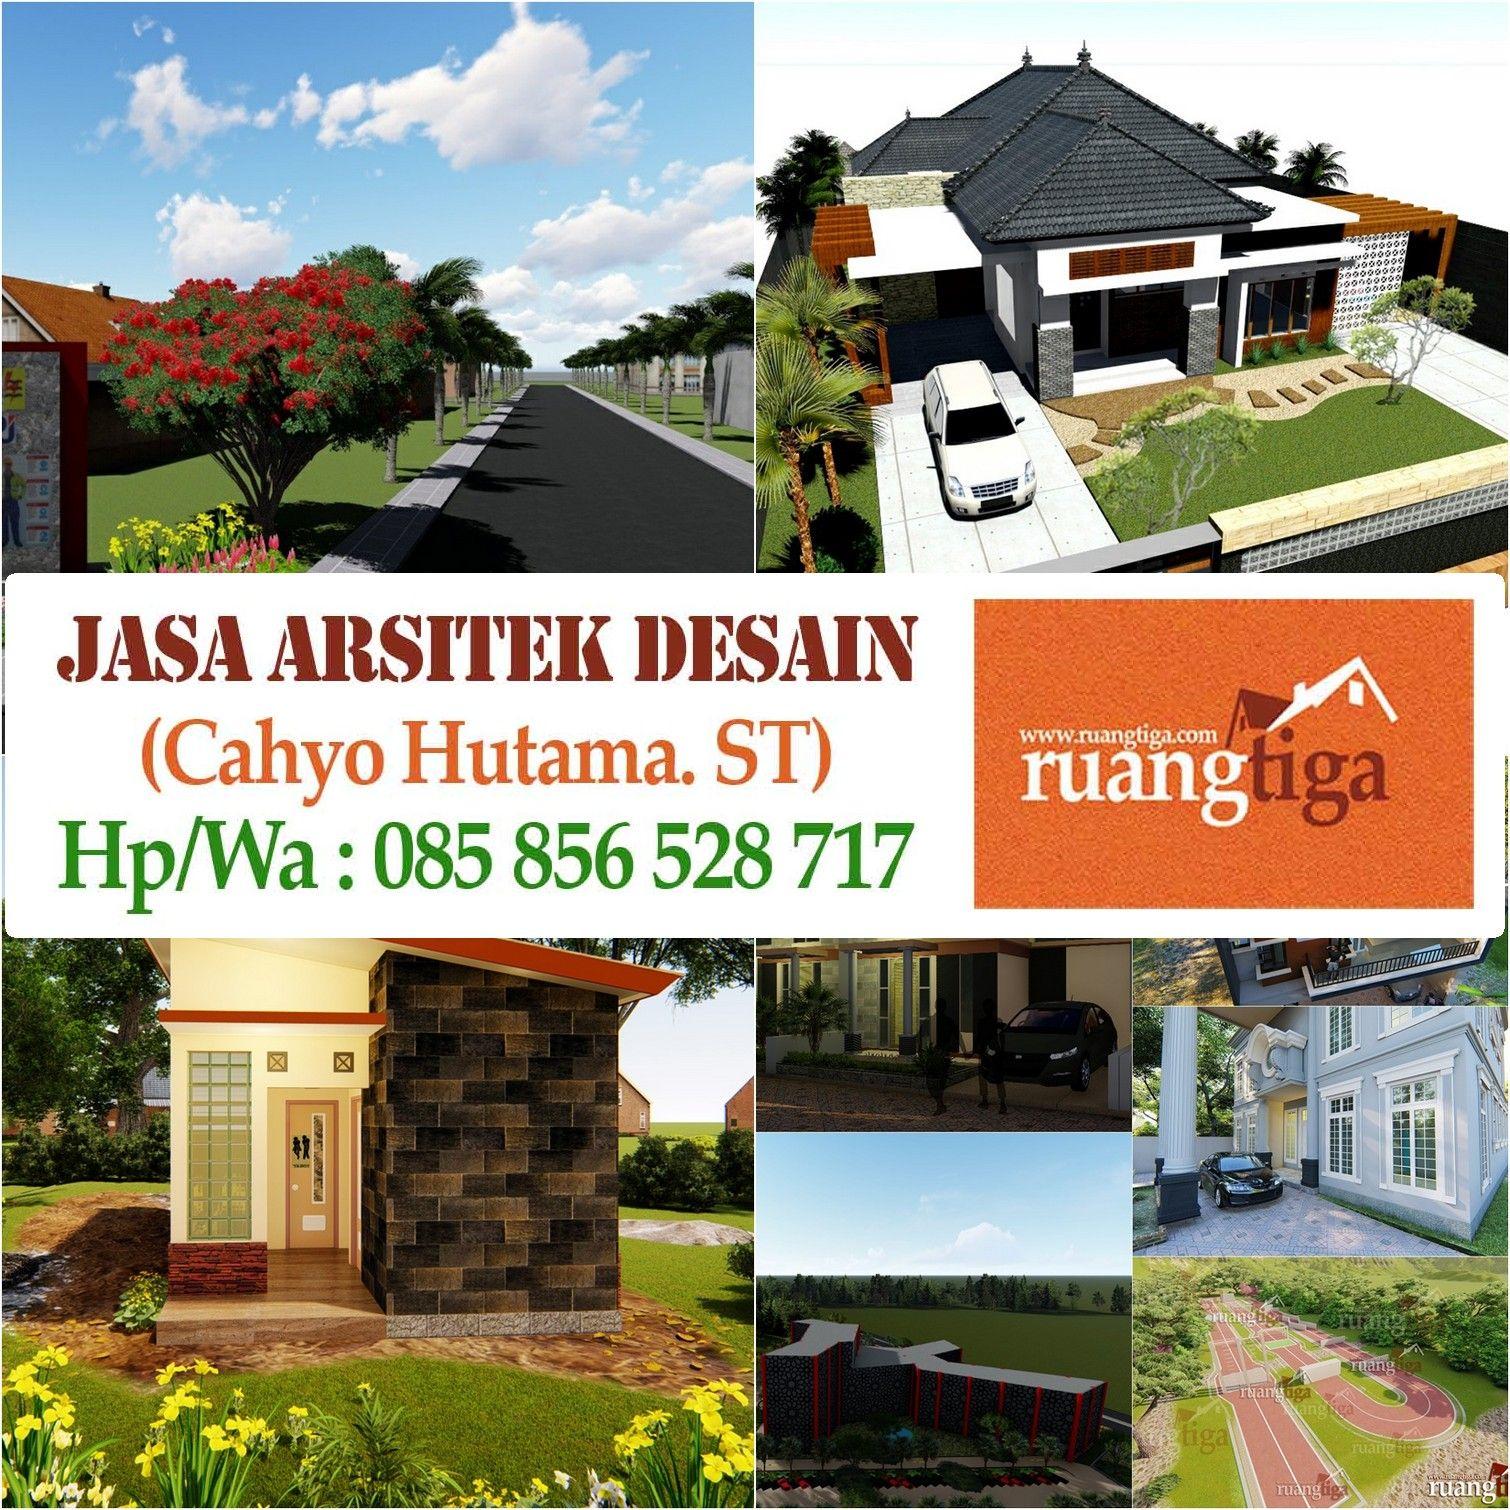 085856528717 Jasa render 3d sketchup Professional Jasa